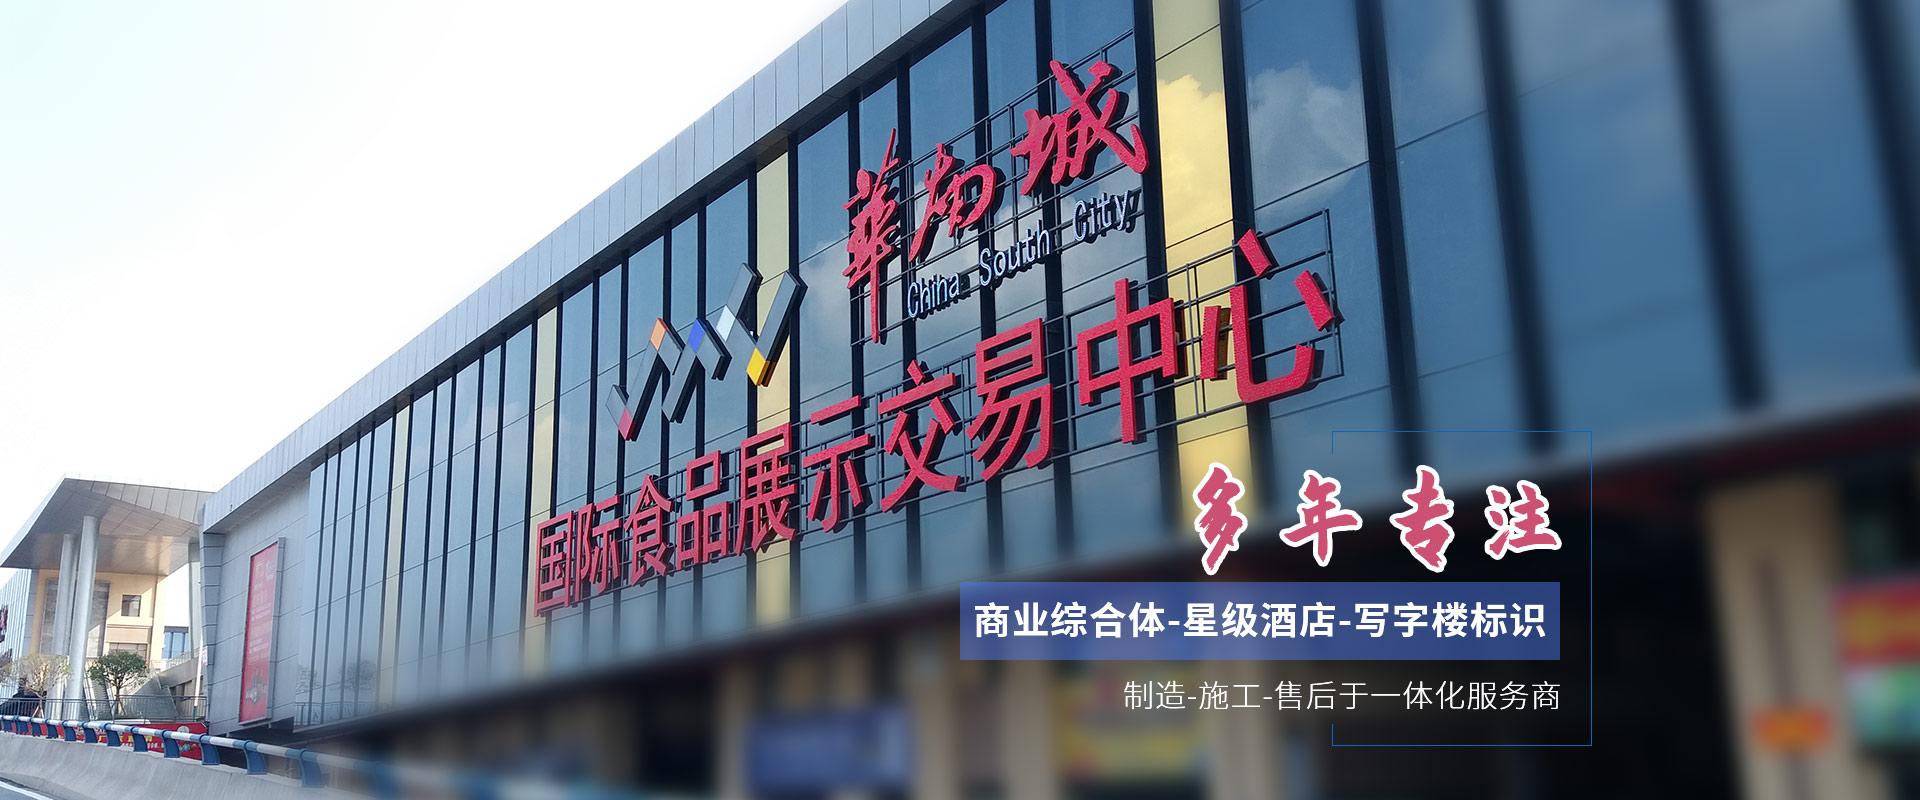 重庆标识标牌制作